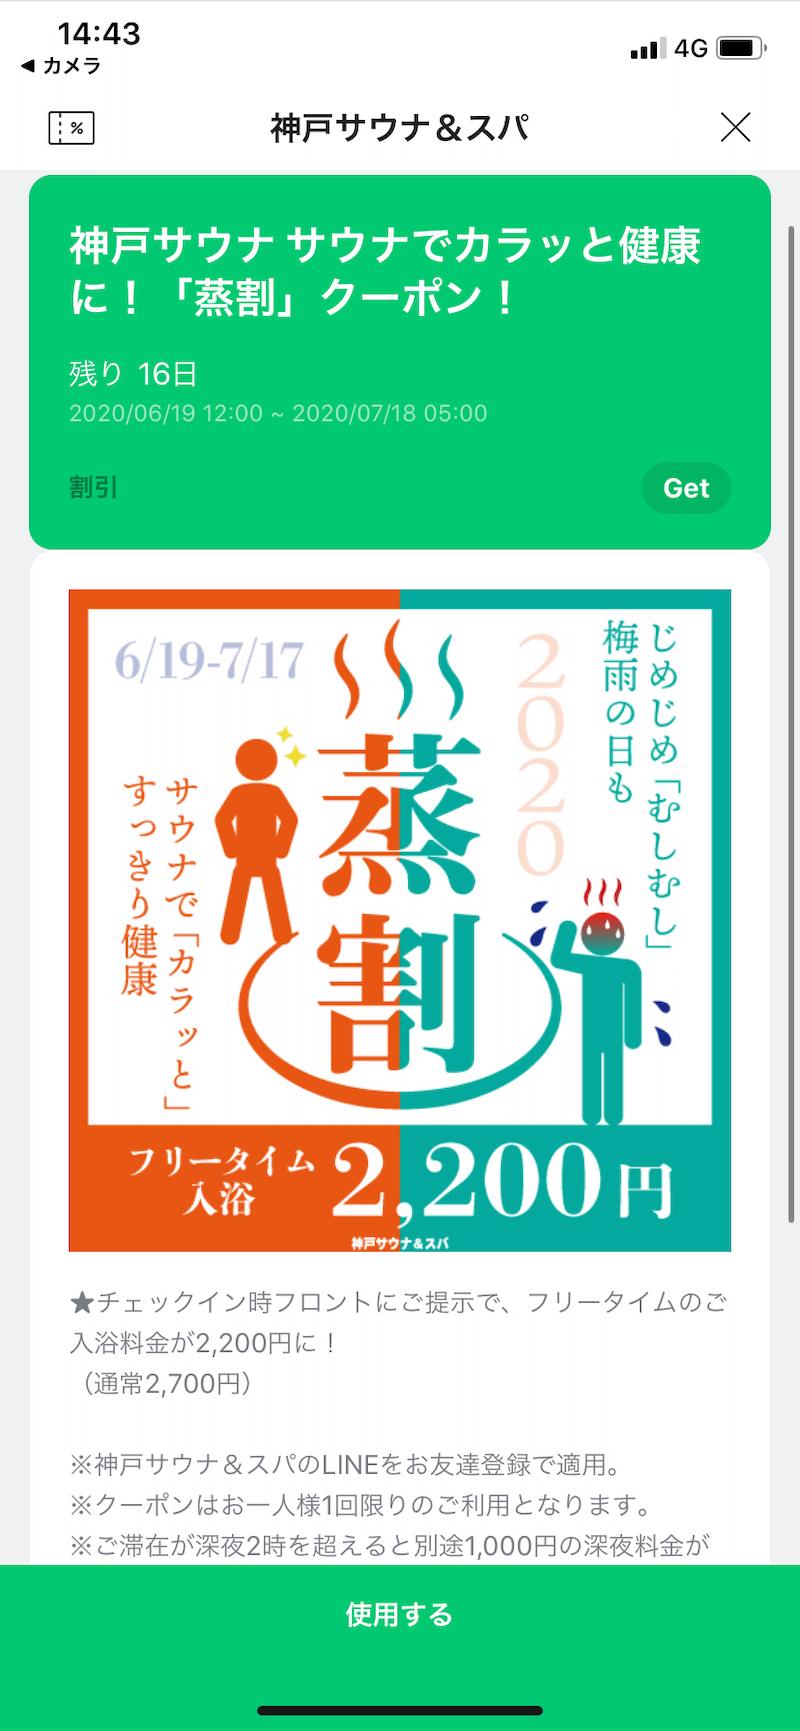 神戸サウナ LINEクーポン